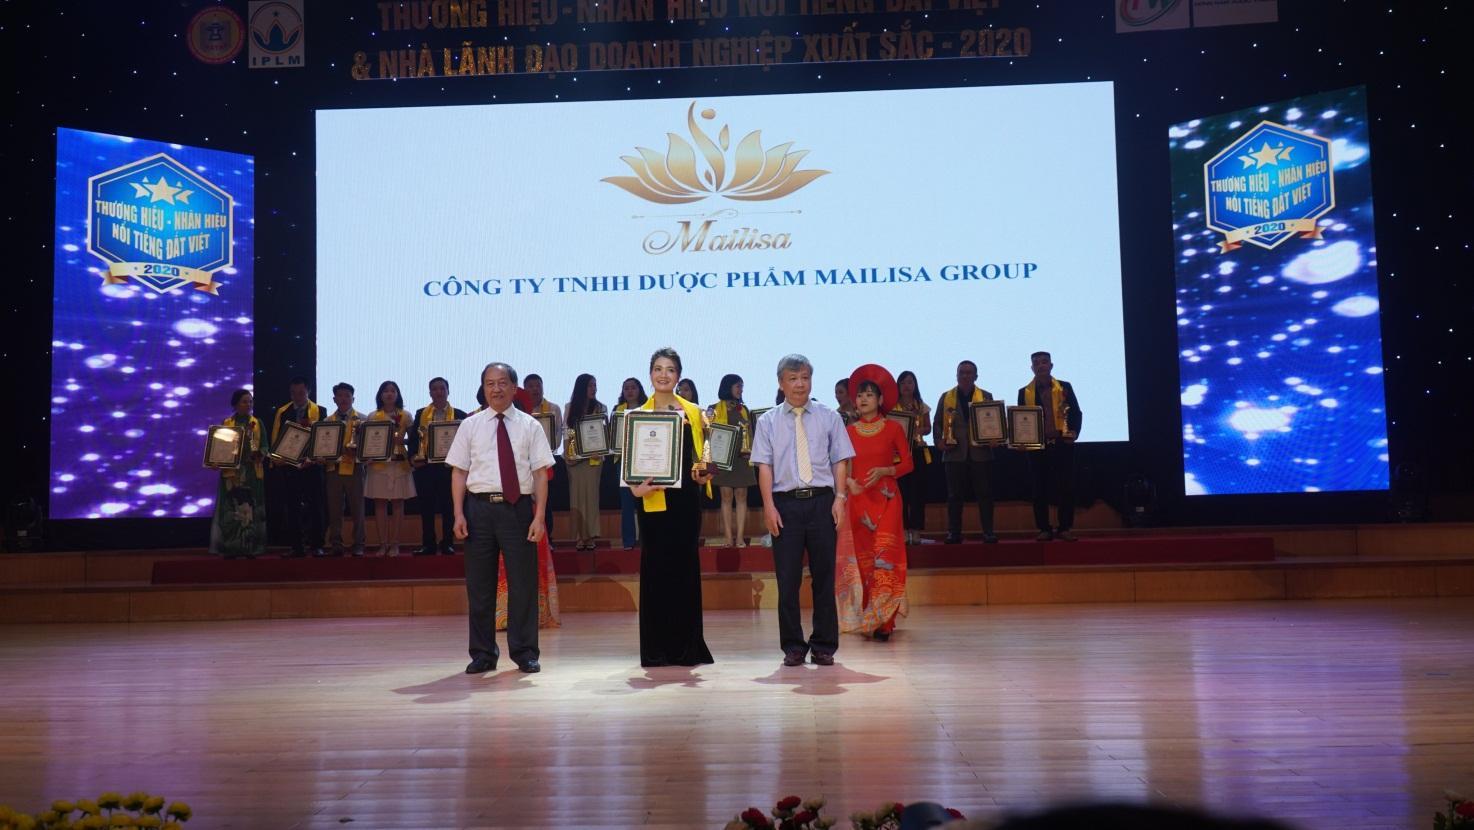 WAKE MAN – Tự hào là sản phẩm mang nhãn hiệu xuất sắc Đất Việt năm 2020 - Ảnh 2